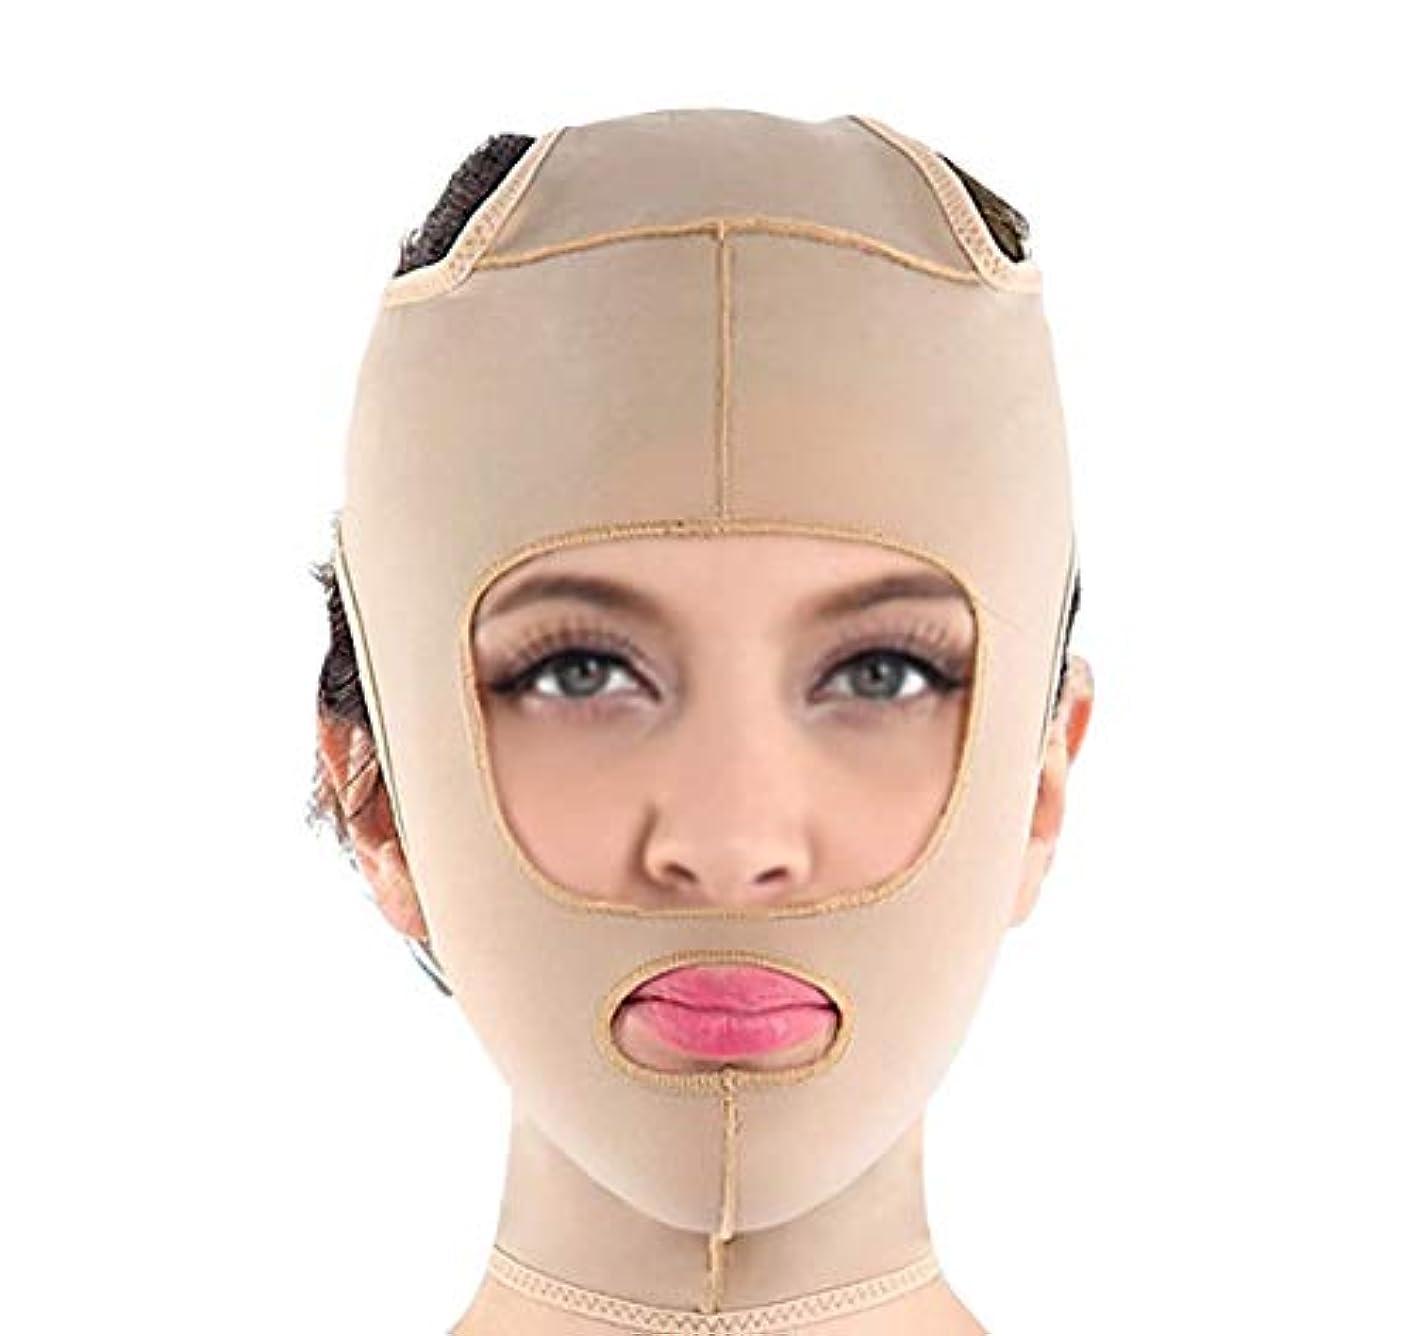 泥エネルギー責めるフェイスリフティングマスクで肌をしっかりと保ち、顔の筋肉の垂れ下がりや顔の美しい輪郭の整形を防止します(サイズ:Xl),S